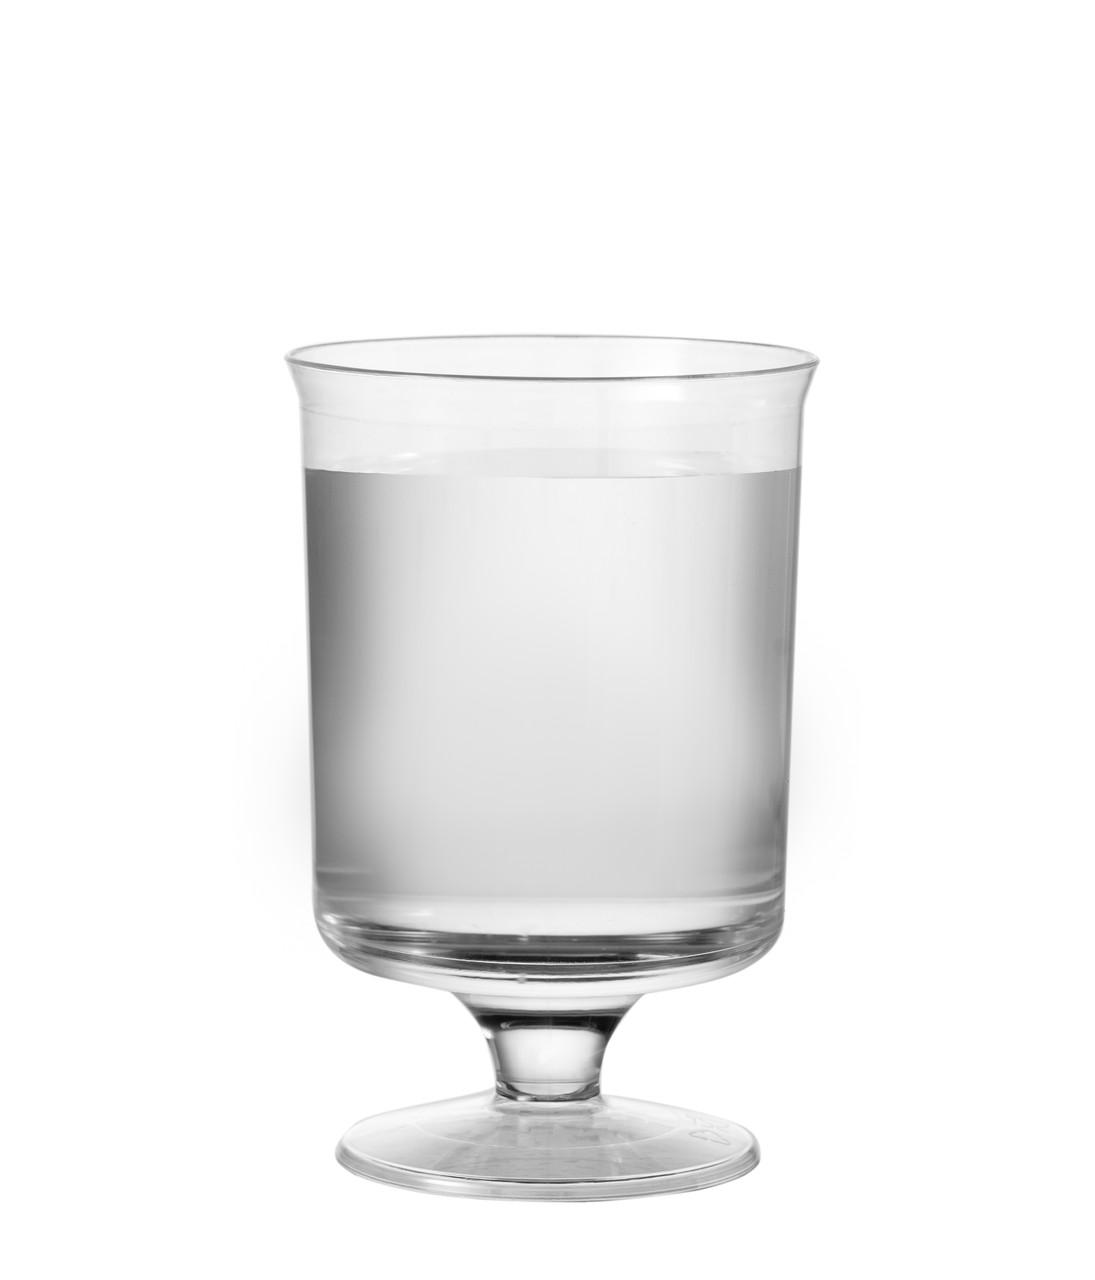 Бокалы одноразовые винные стеклопластик 10 шт 150 мл Capital For People